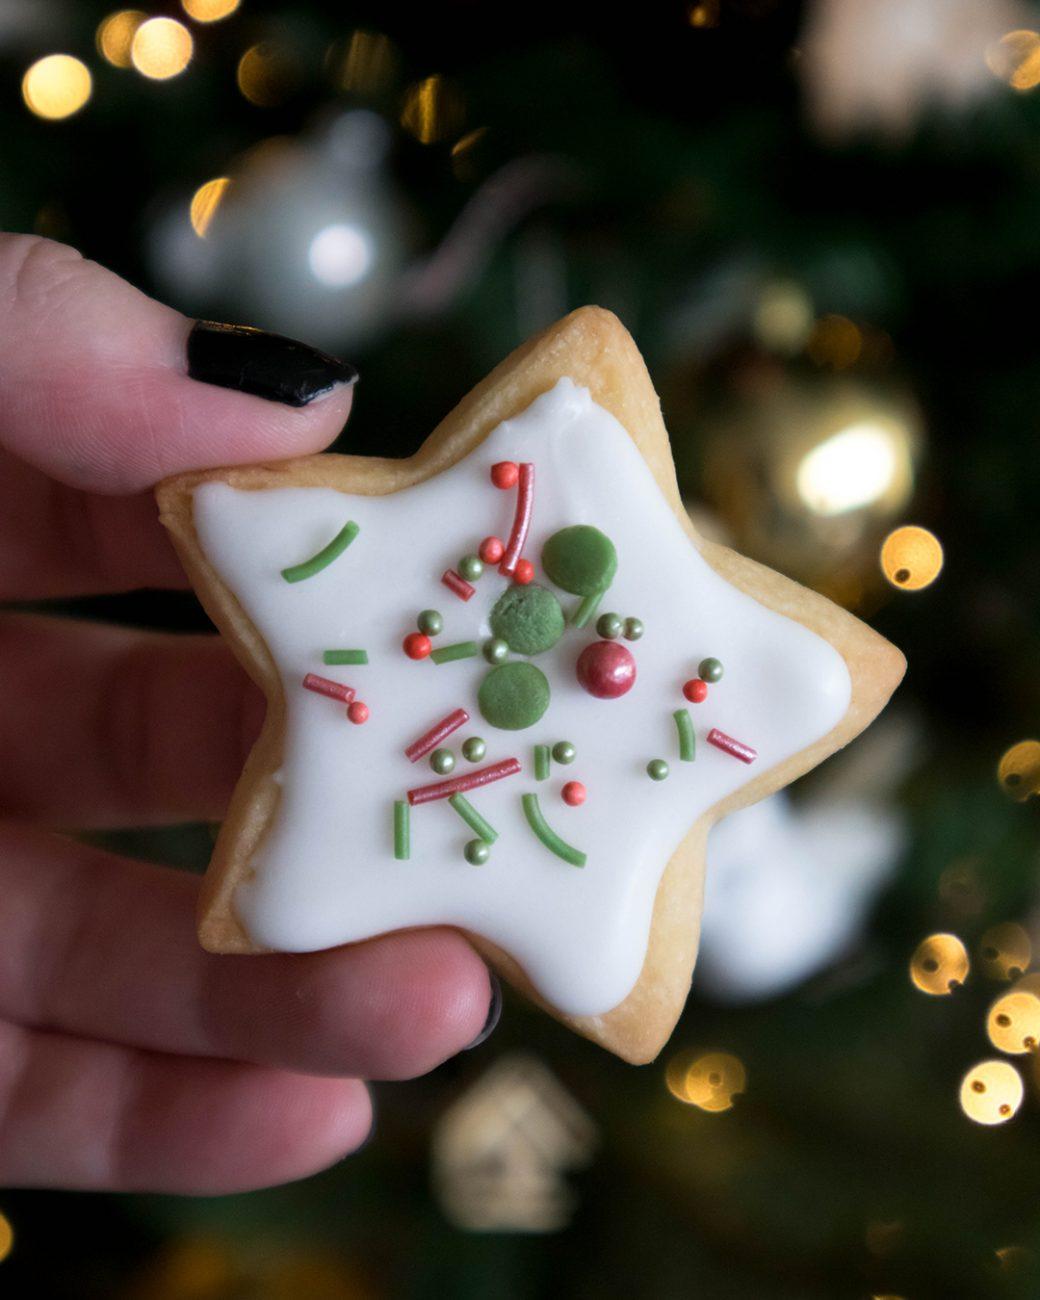 Vegan Christmas sugar cookies with royal icing